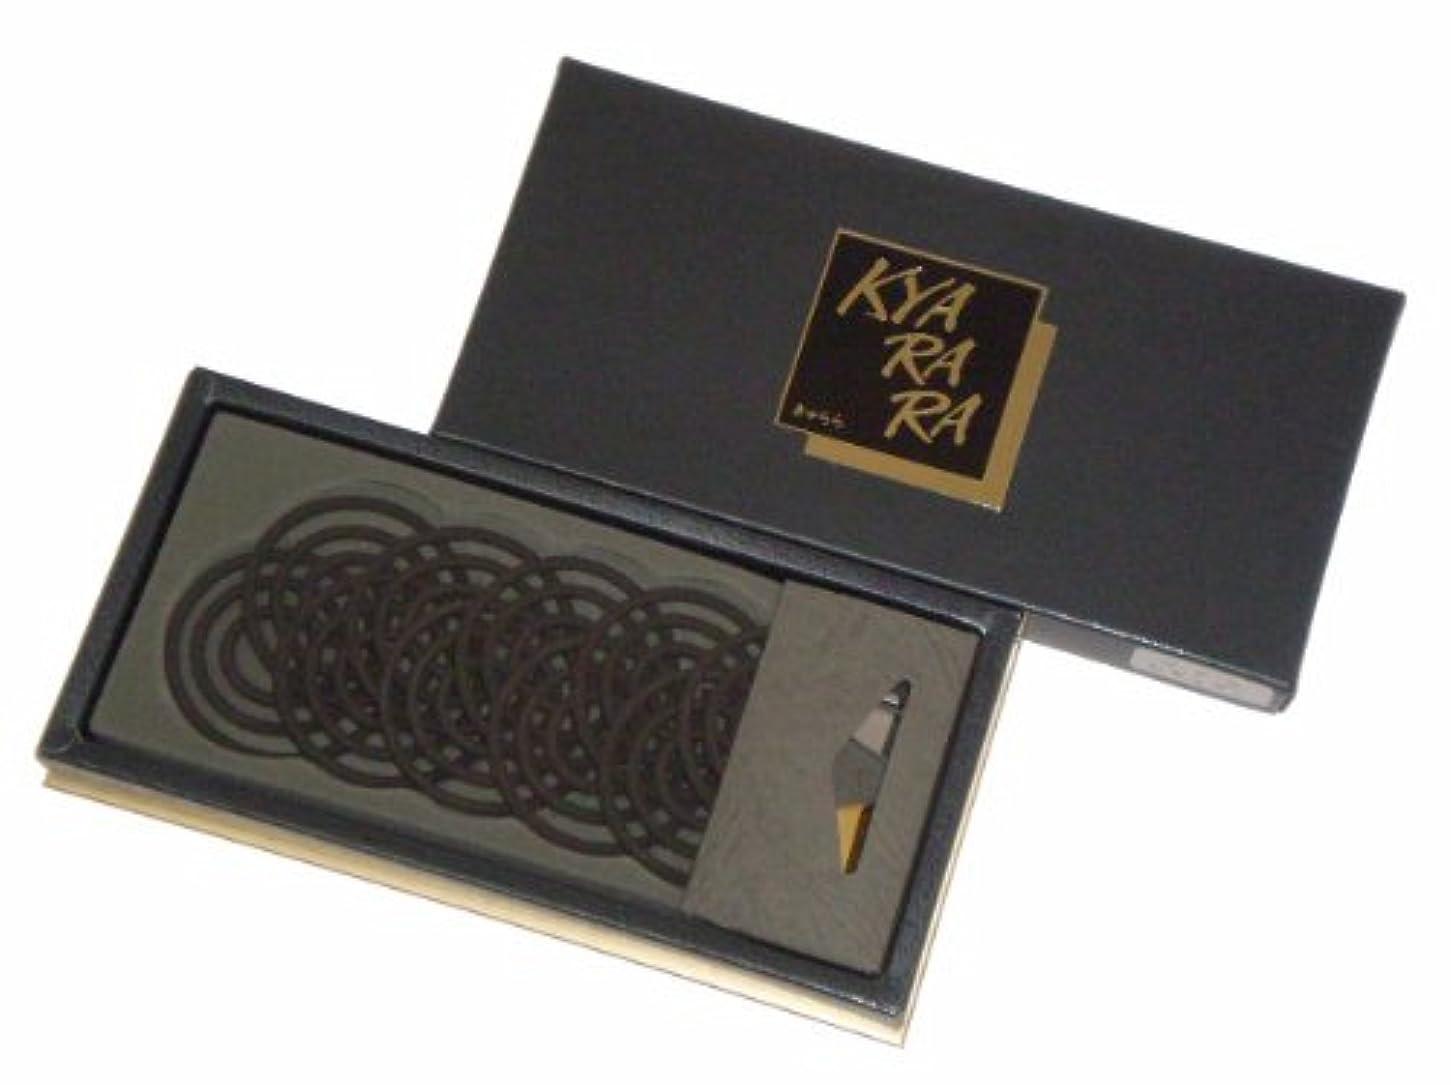 敬礼飛ぶベーシック玉初堂のお香 キャララ コイルレギュラーセット #5234